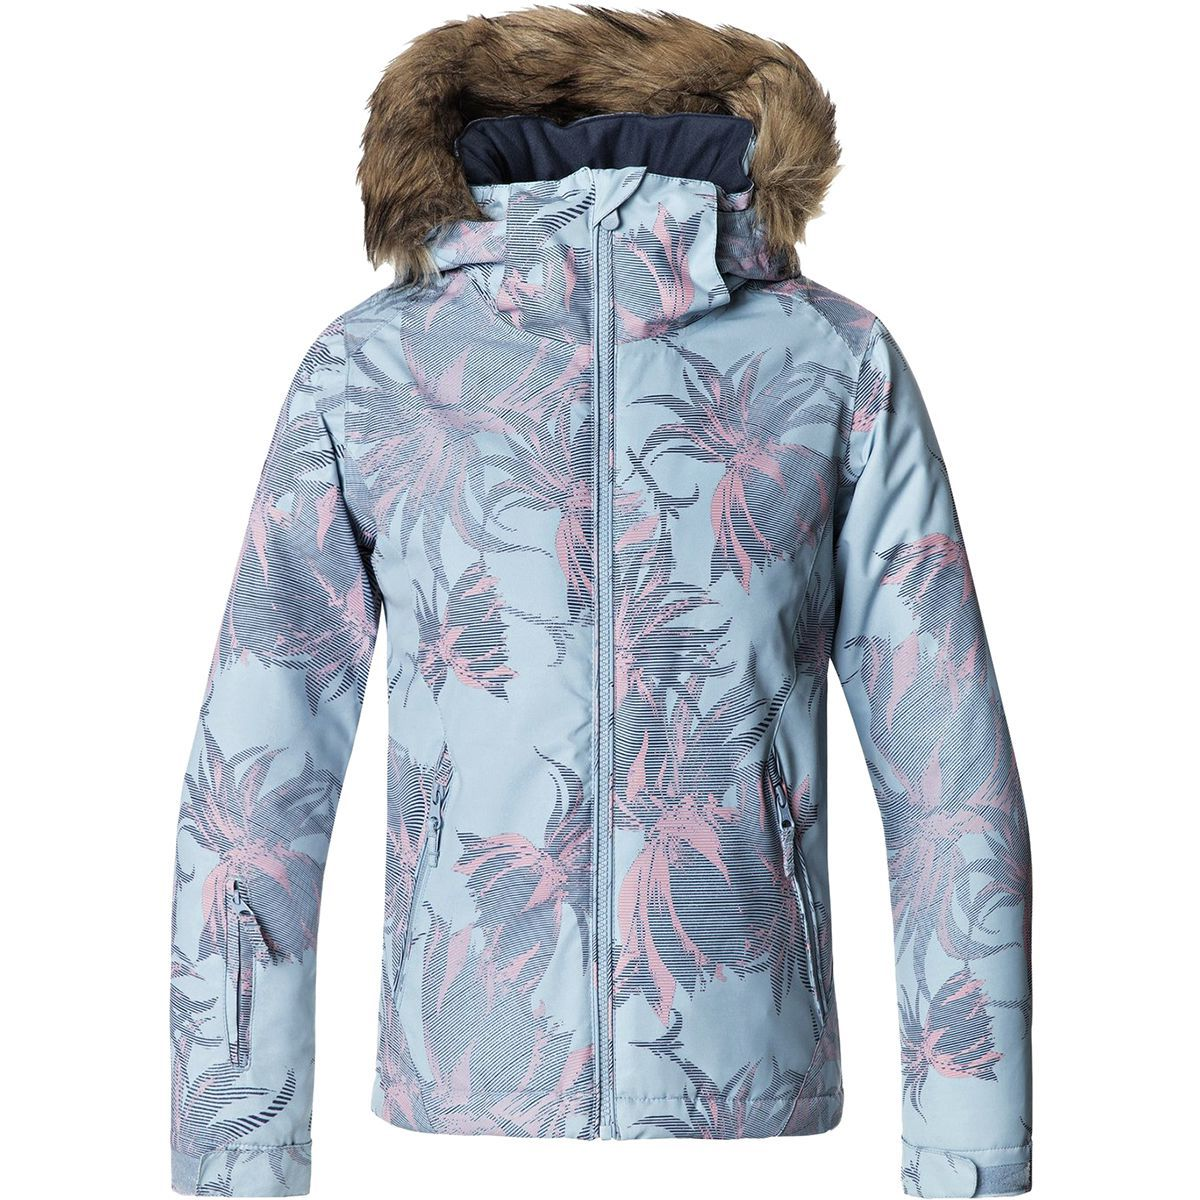 Roxy American Pie Hooded Jacket - Girls'